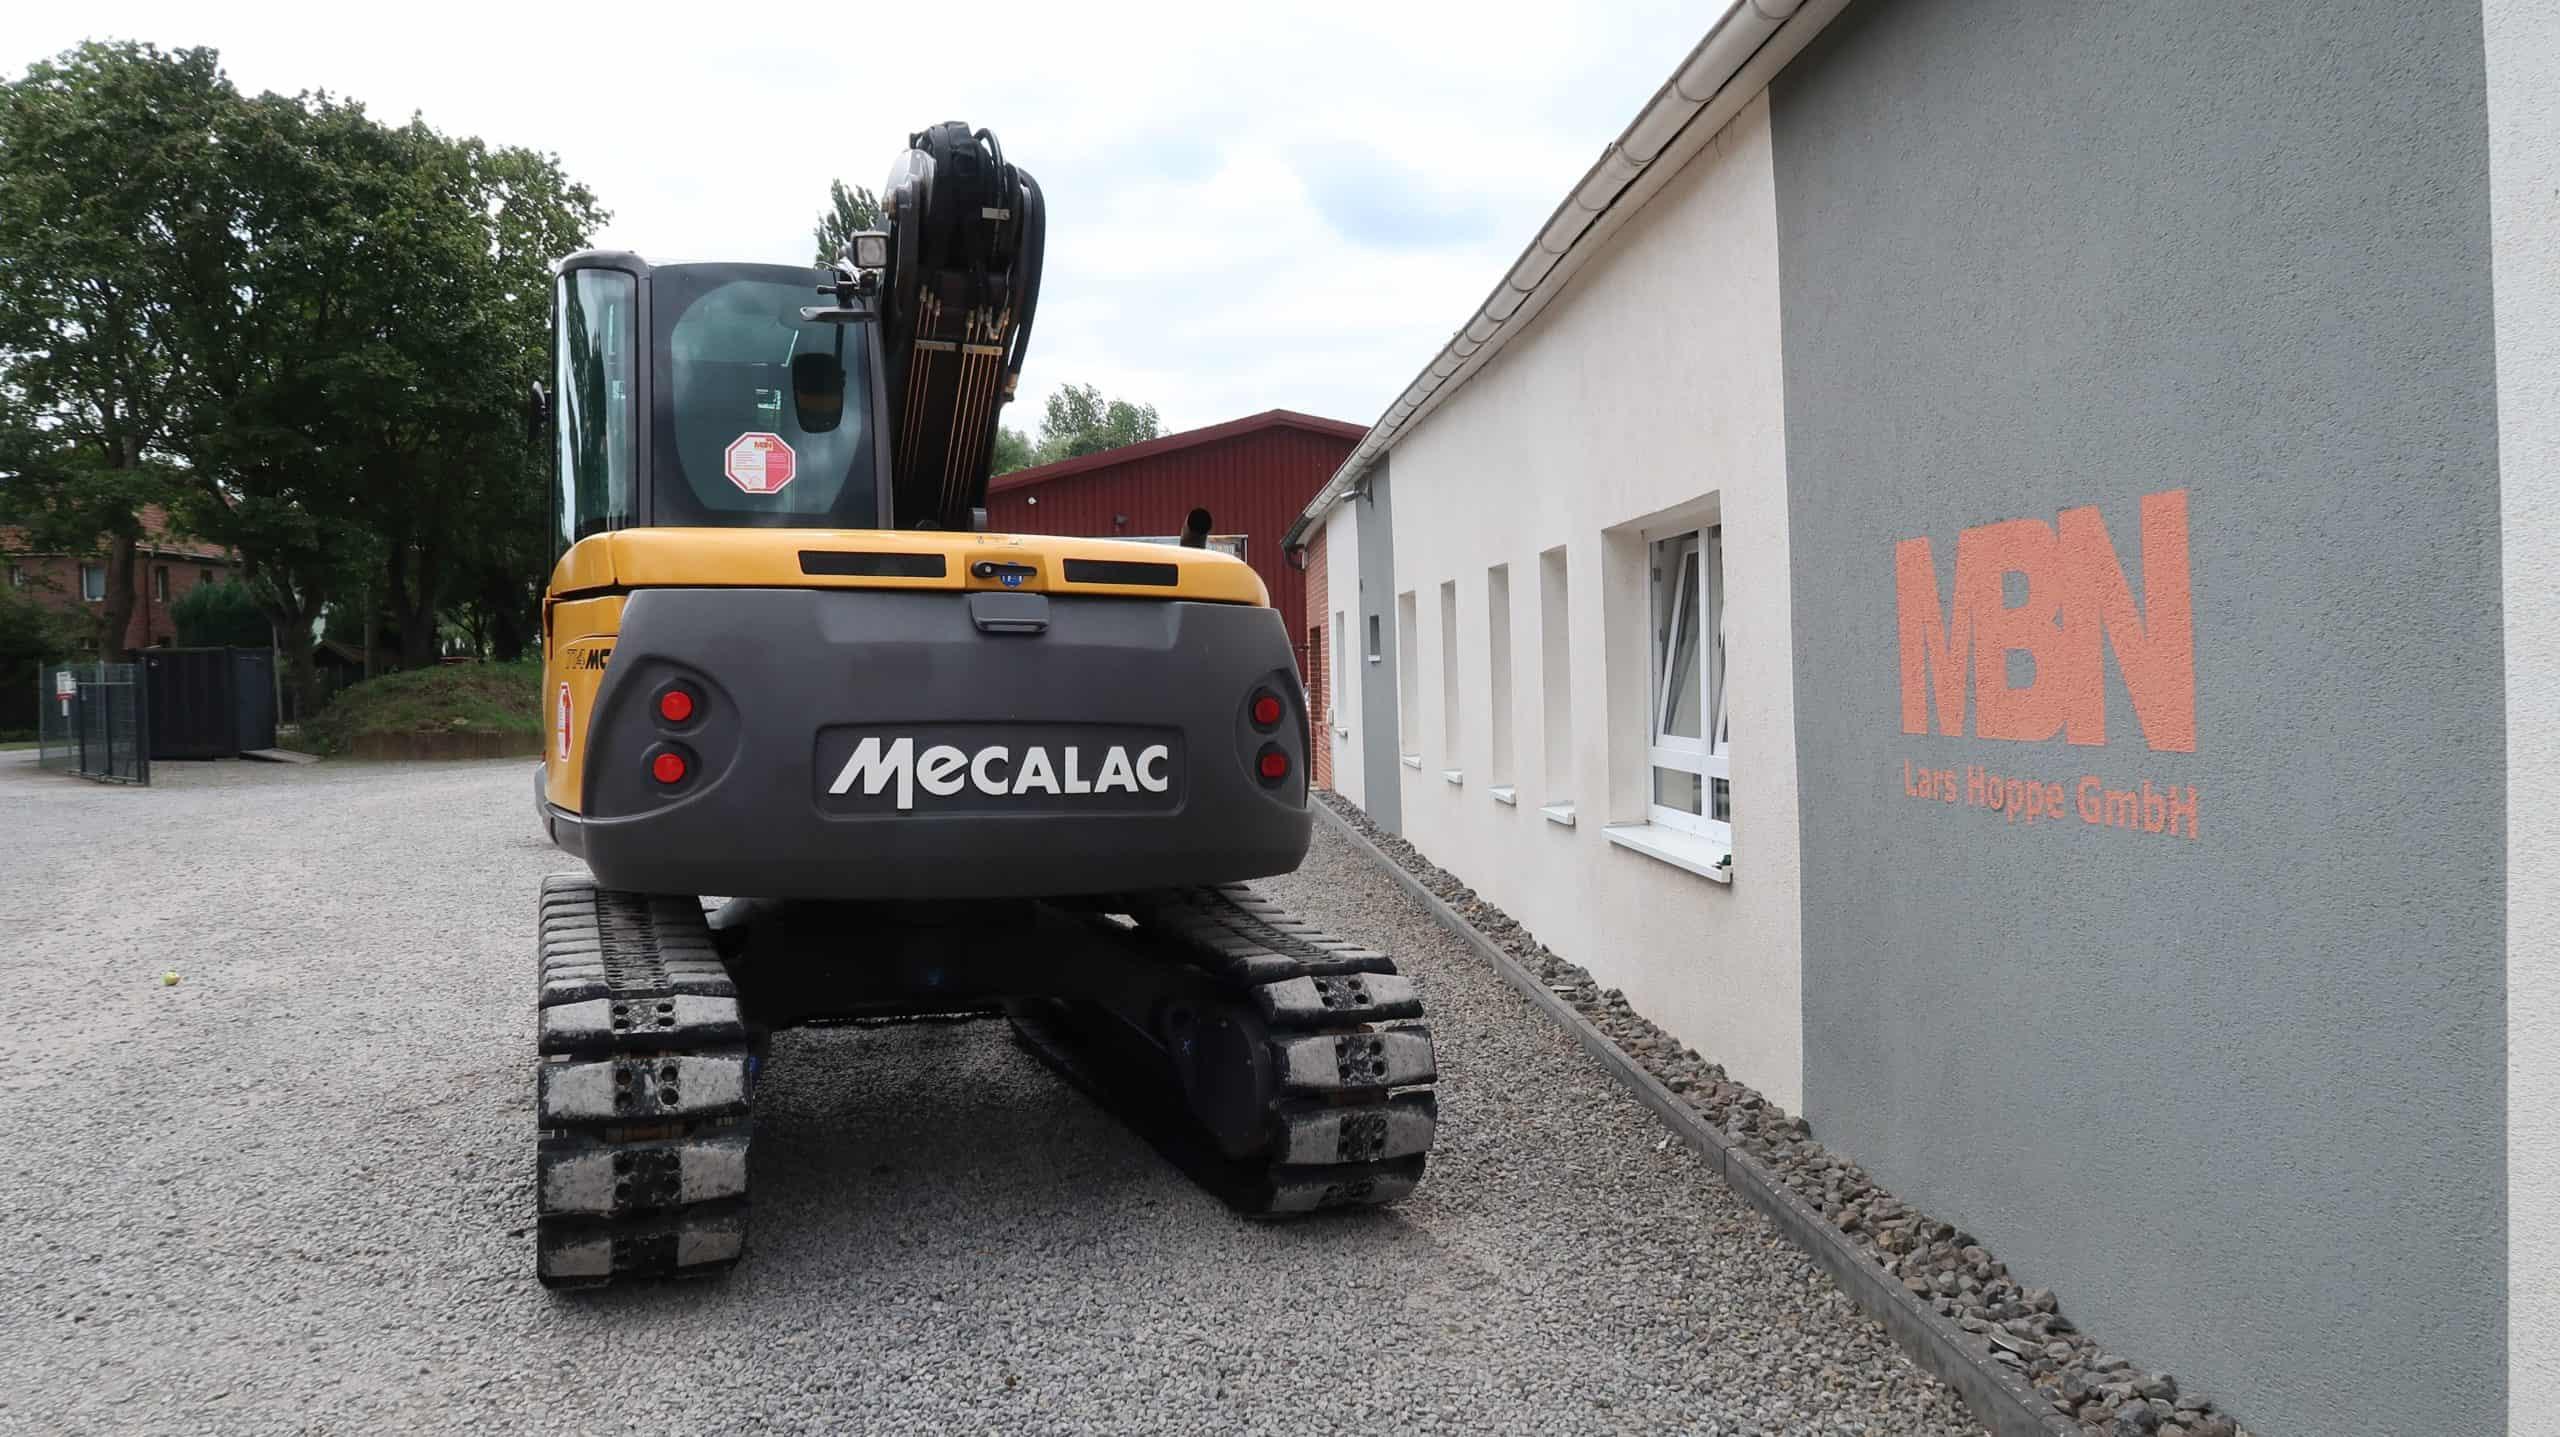 Mecalac-714-MCE-Heck